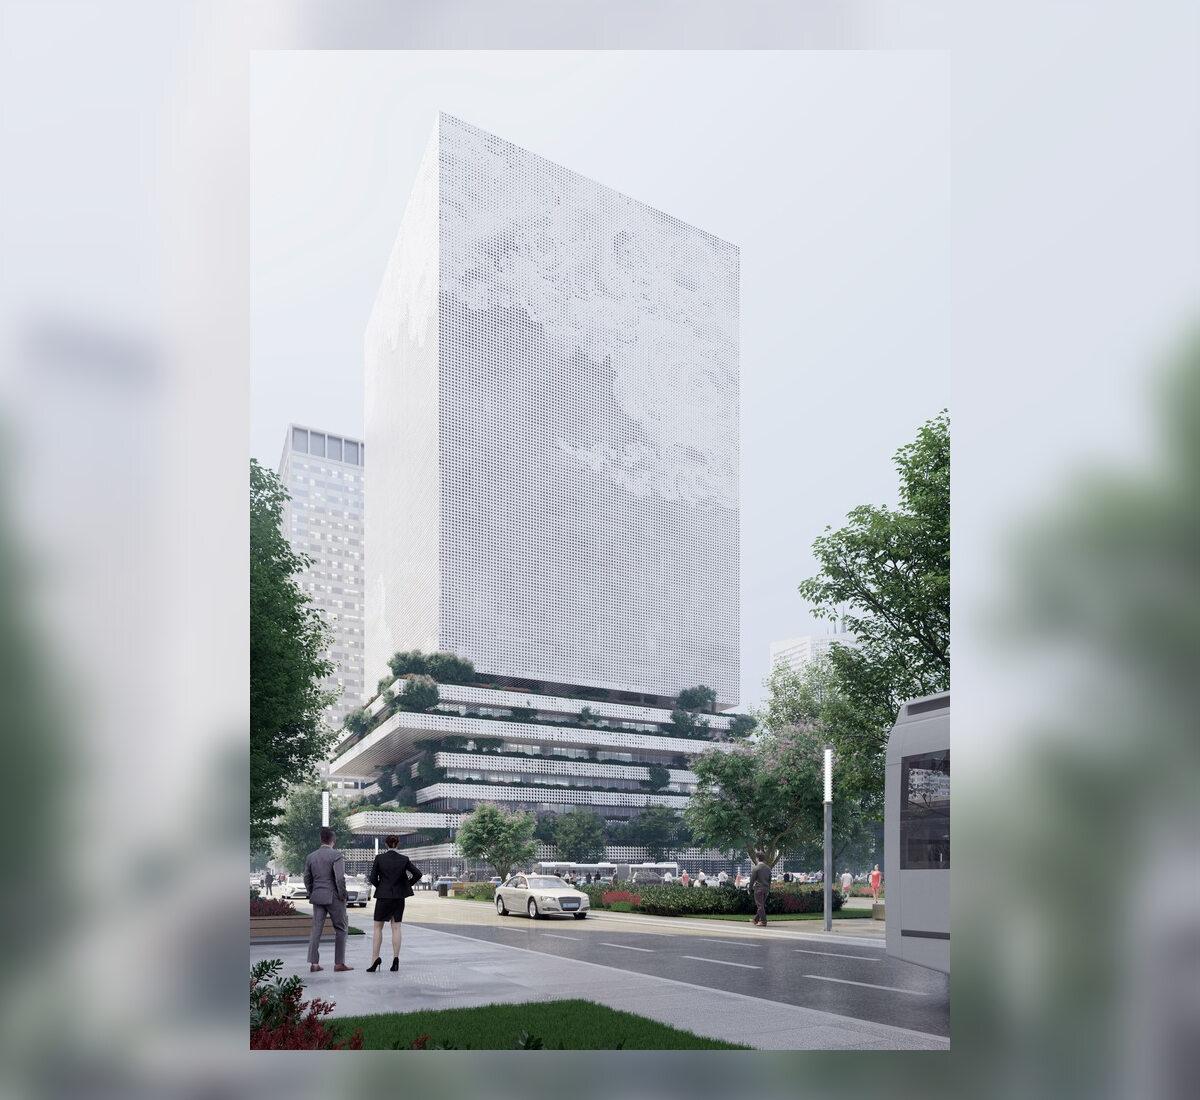 Qianhai Data Center